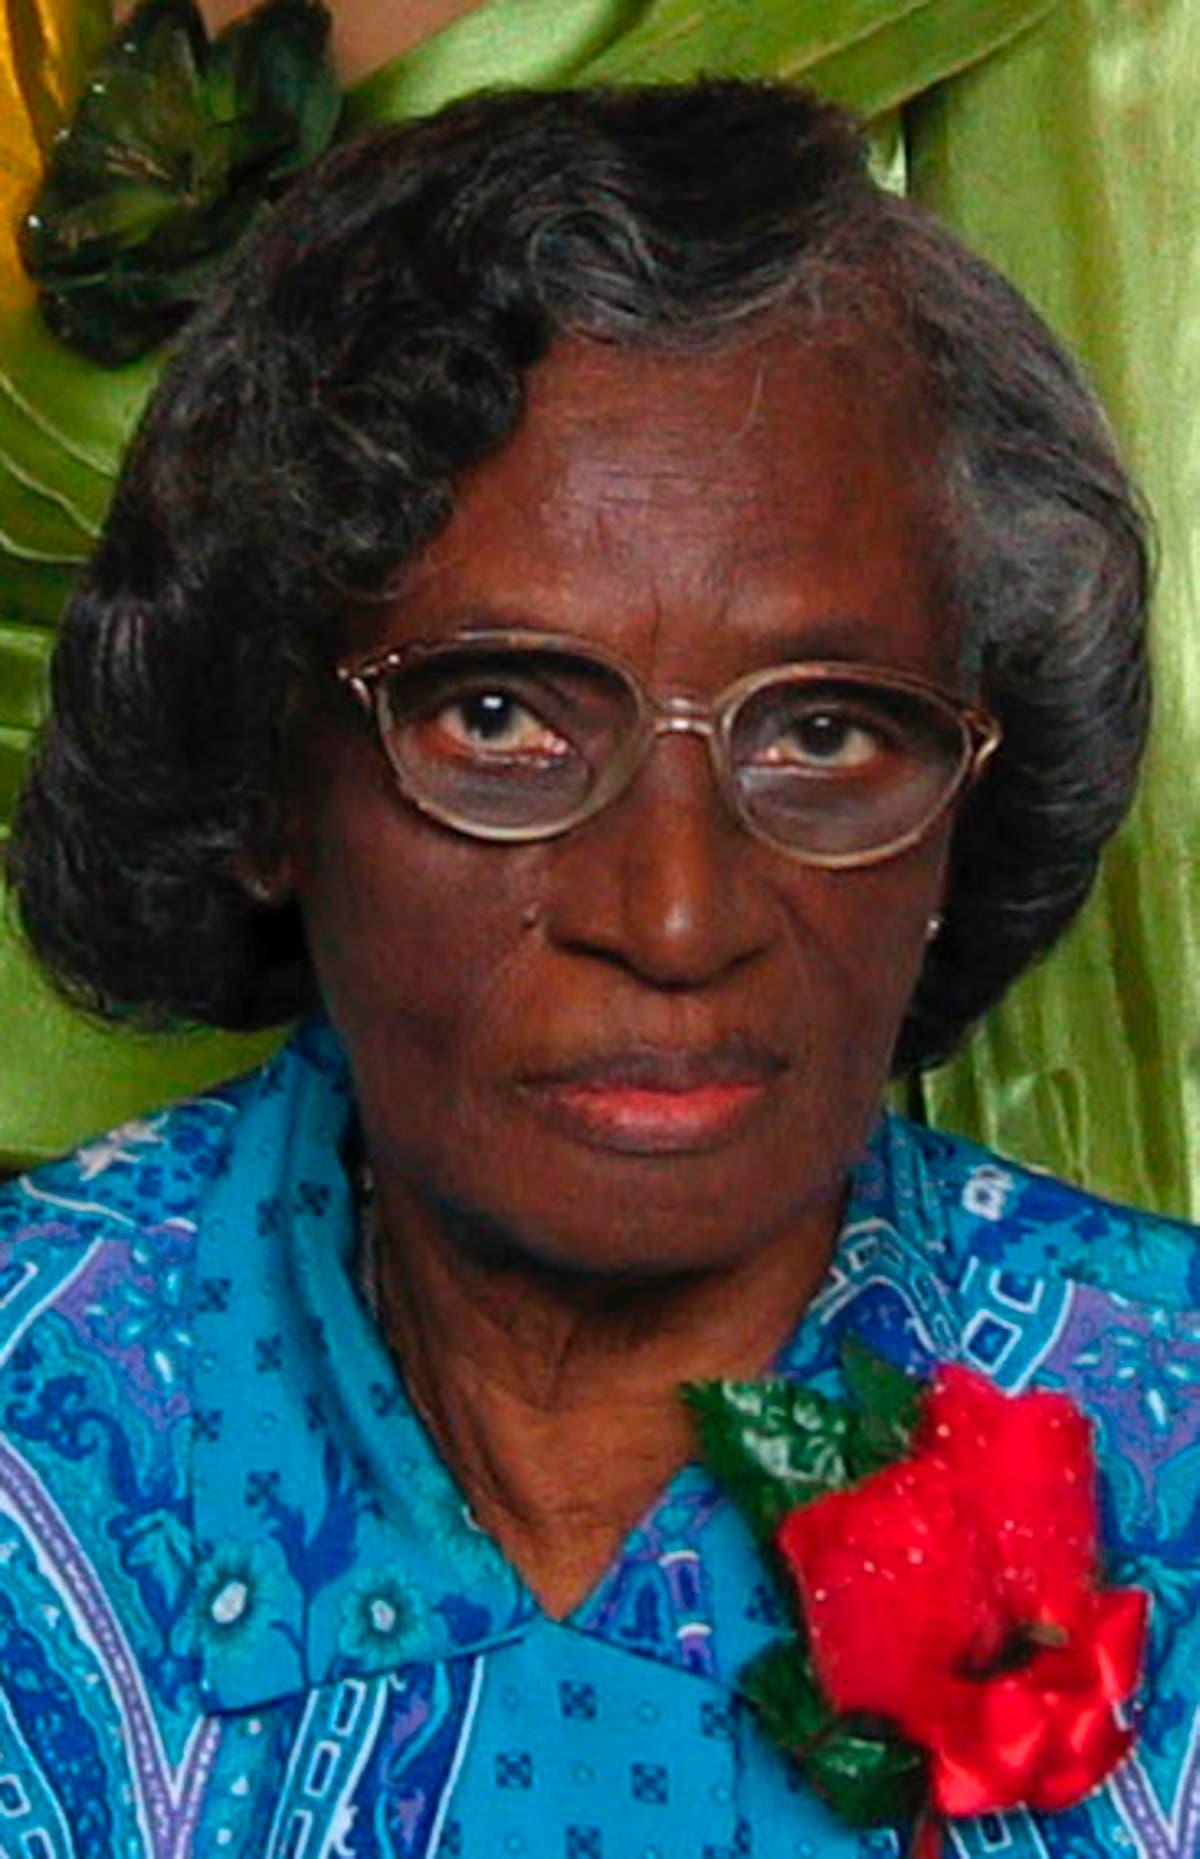 Martha White dies, sparked '53 Louisiana capital bus boycott